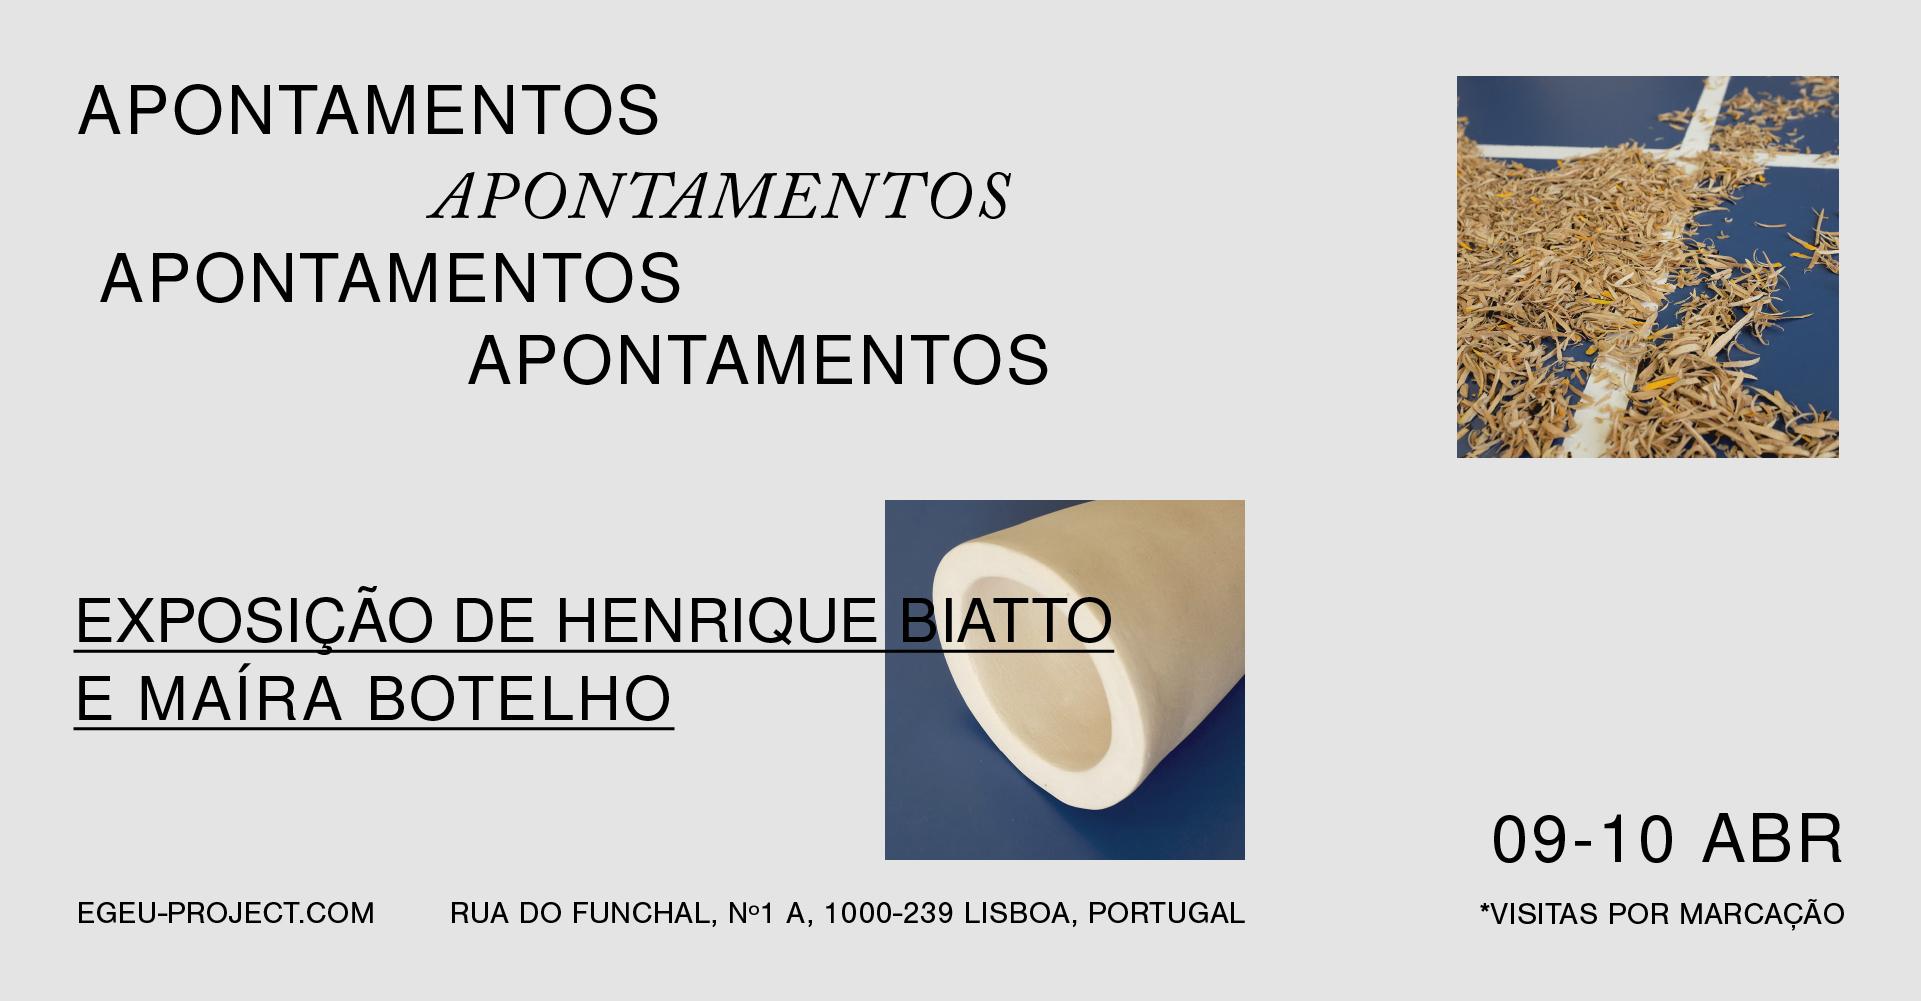 Apontamentos | Henrique Biatto e Maíra Botelho